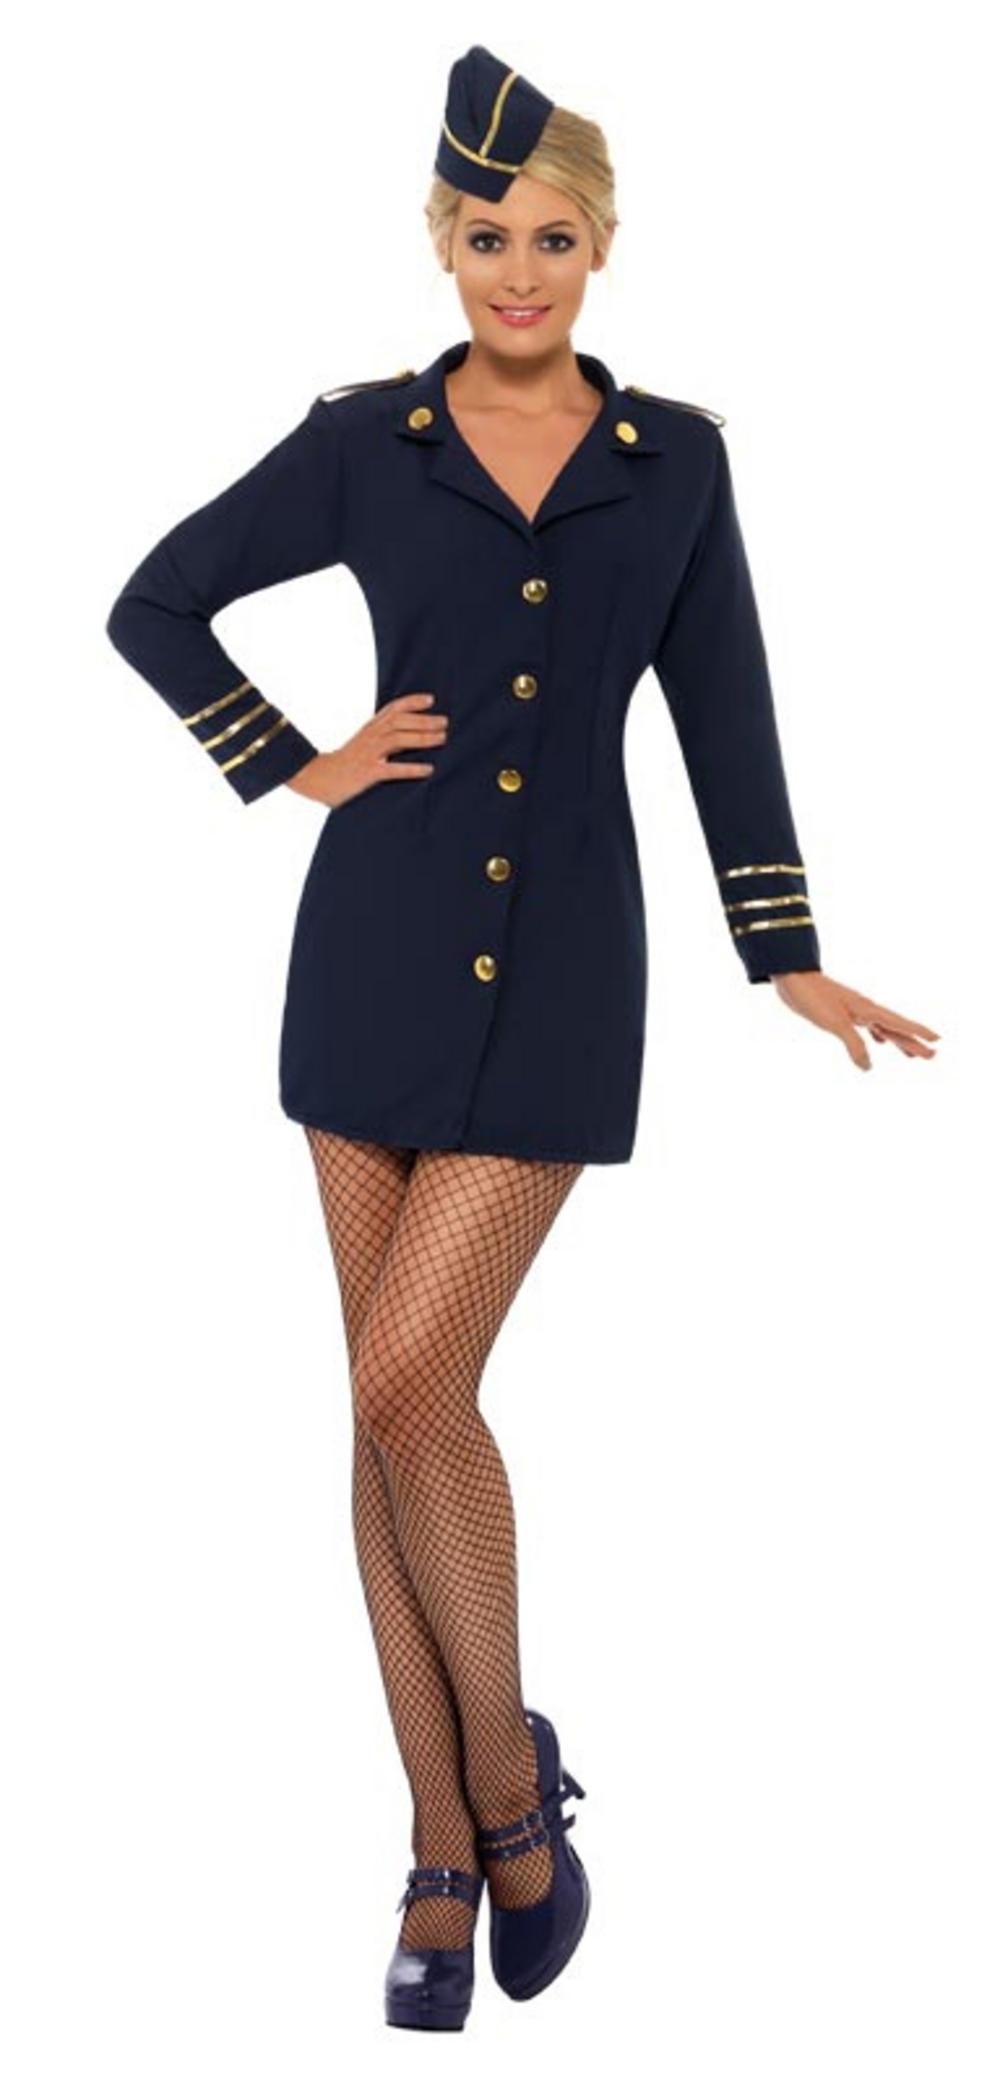 Fancy Dress 40s Theme